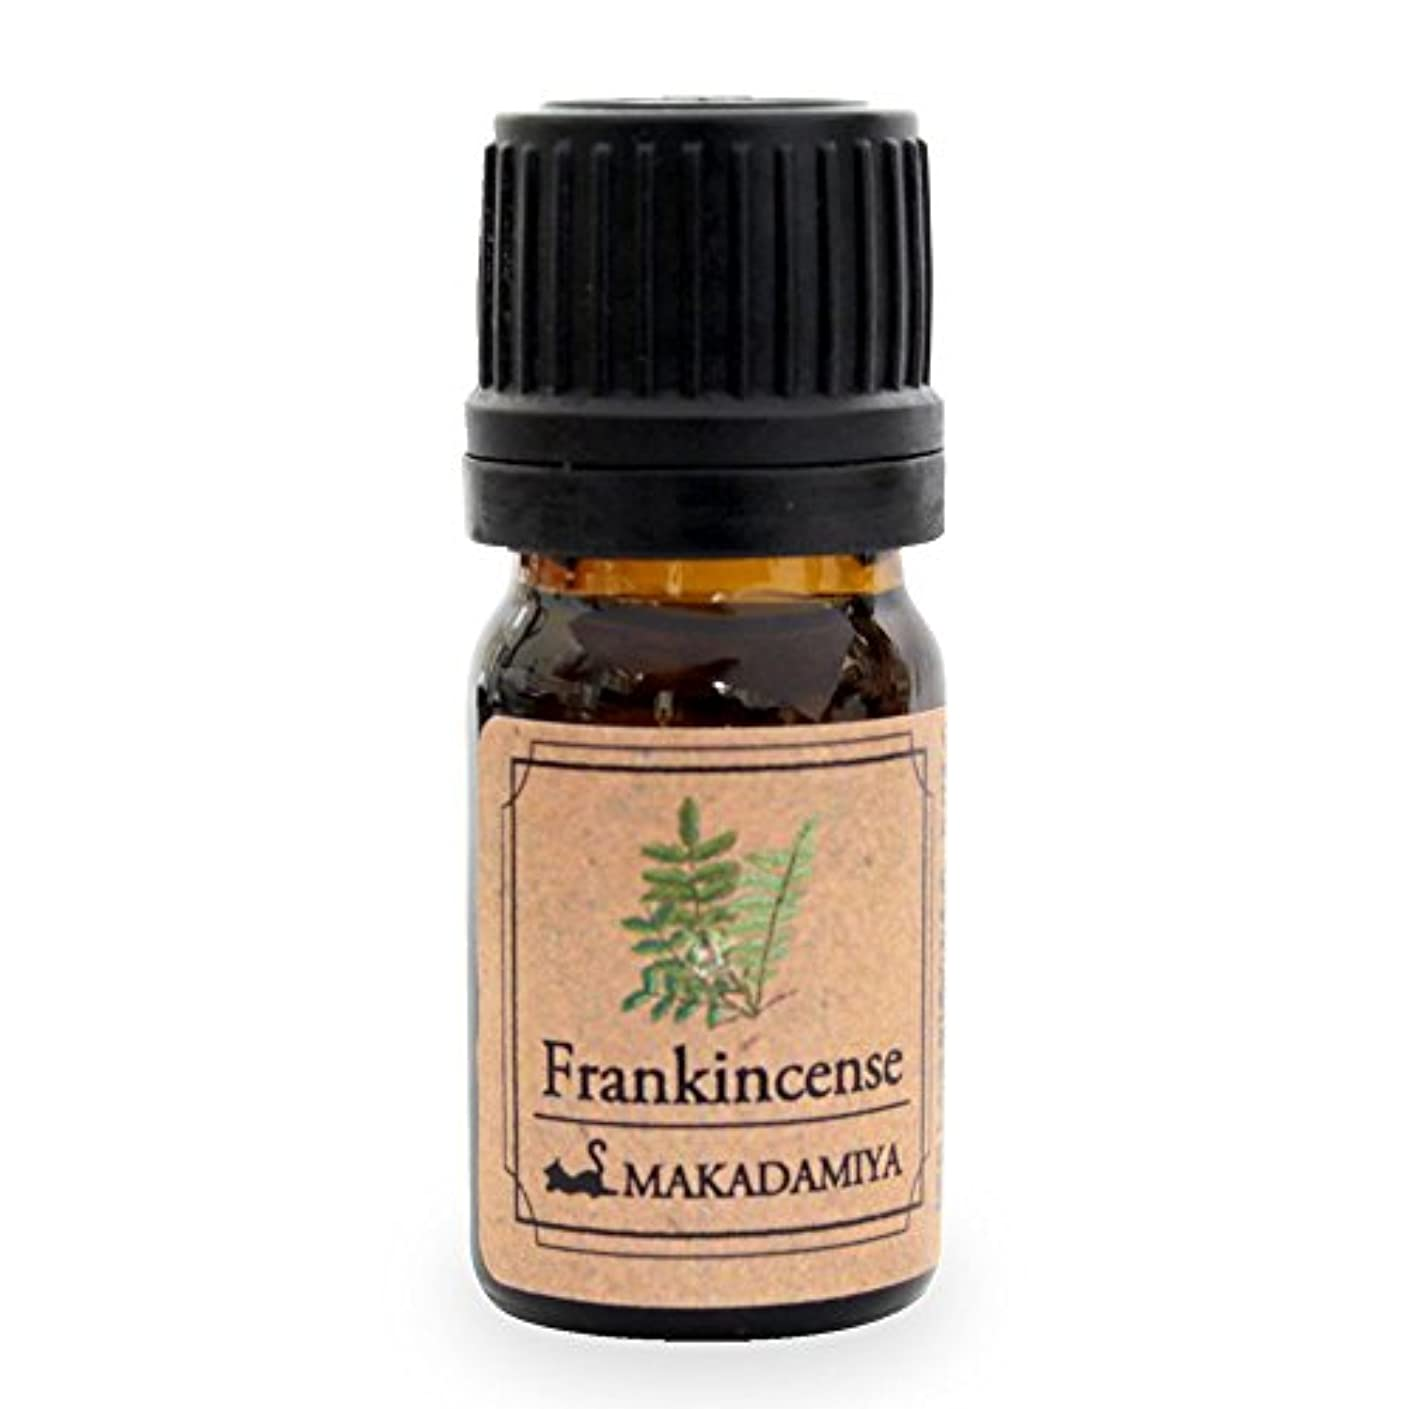 ファブリック生理とまり木フランキンセンス5ml 天然100%植物性 エッセンシャルオイル(精油) アロマオイル アロママッサージ aroma Frankincense